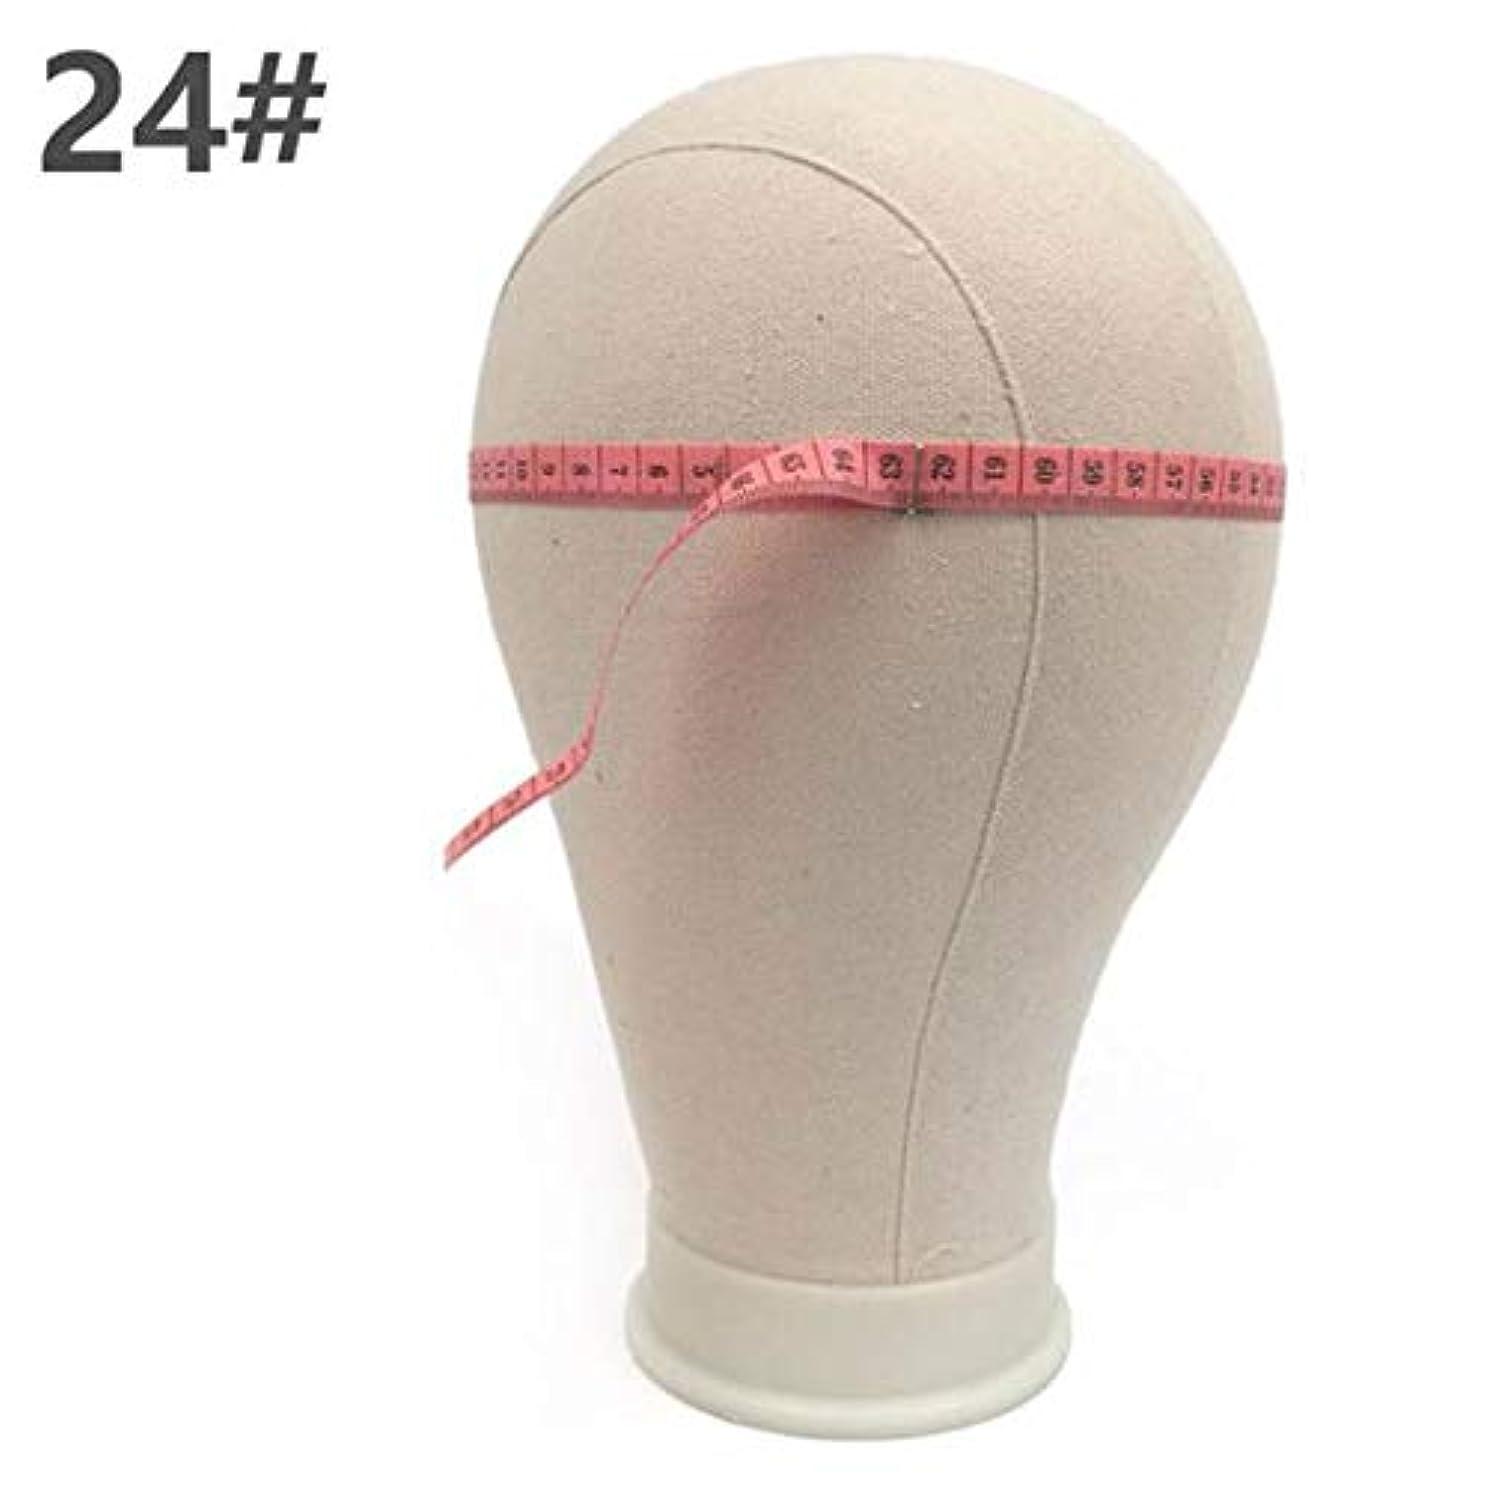 斧加入区ヘッドモールドウィッグブラケット仕上げウィッグ形状ピン止め可能な布布モデルヘッドキャンバスヘッドモデルヘッドウィッグ配置,D